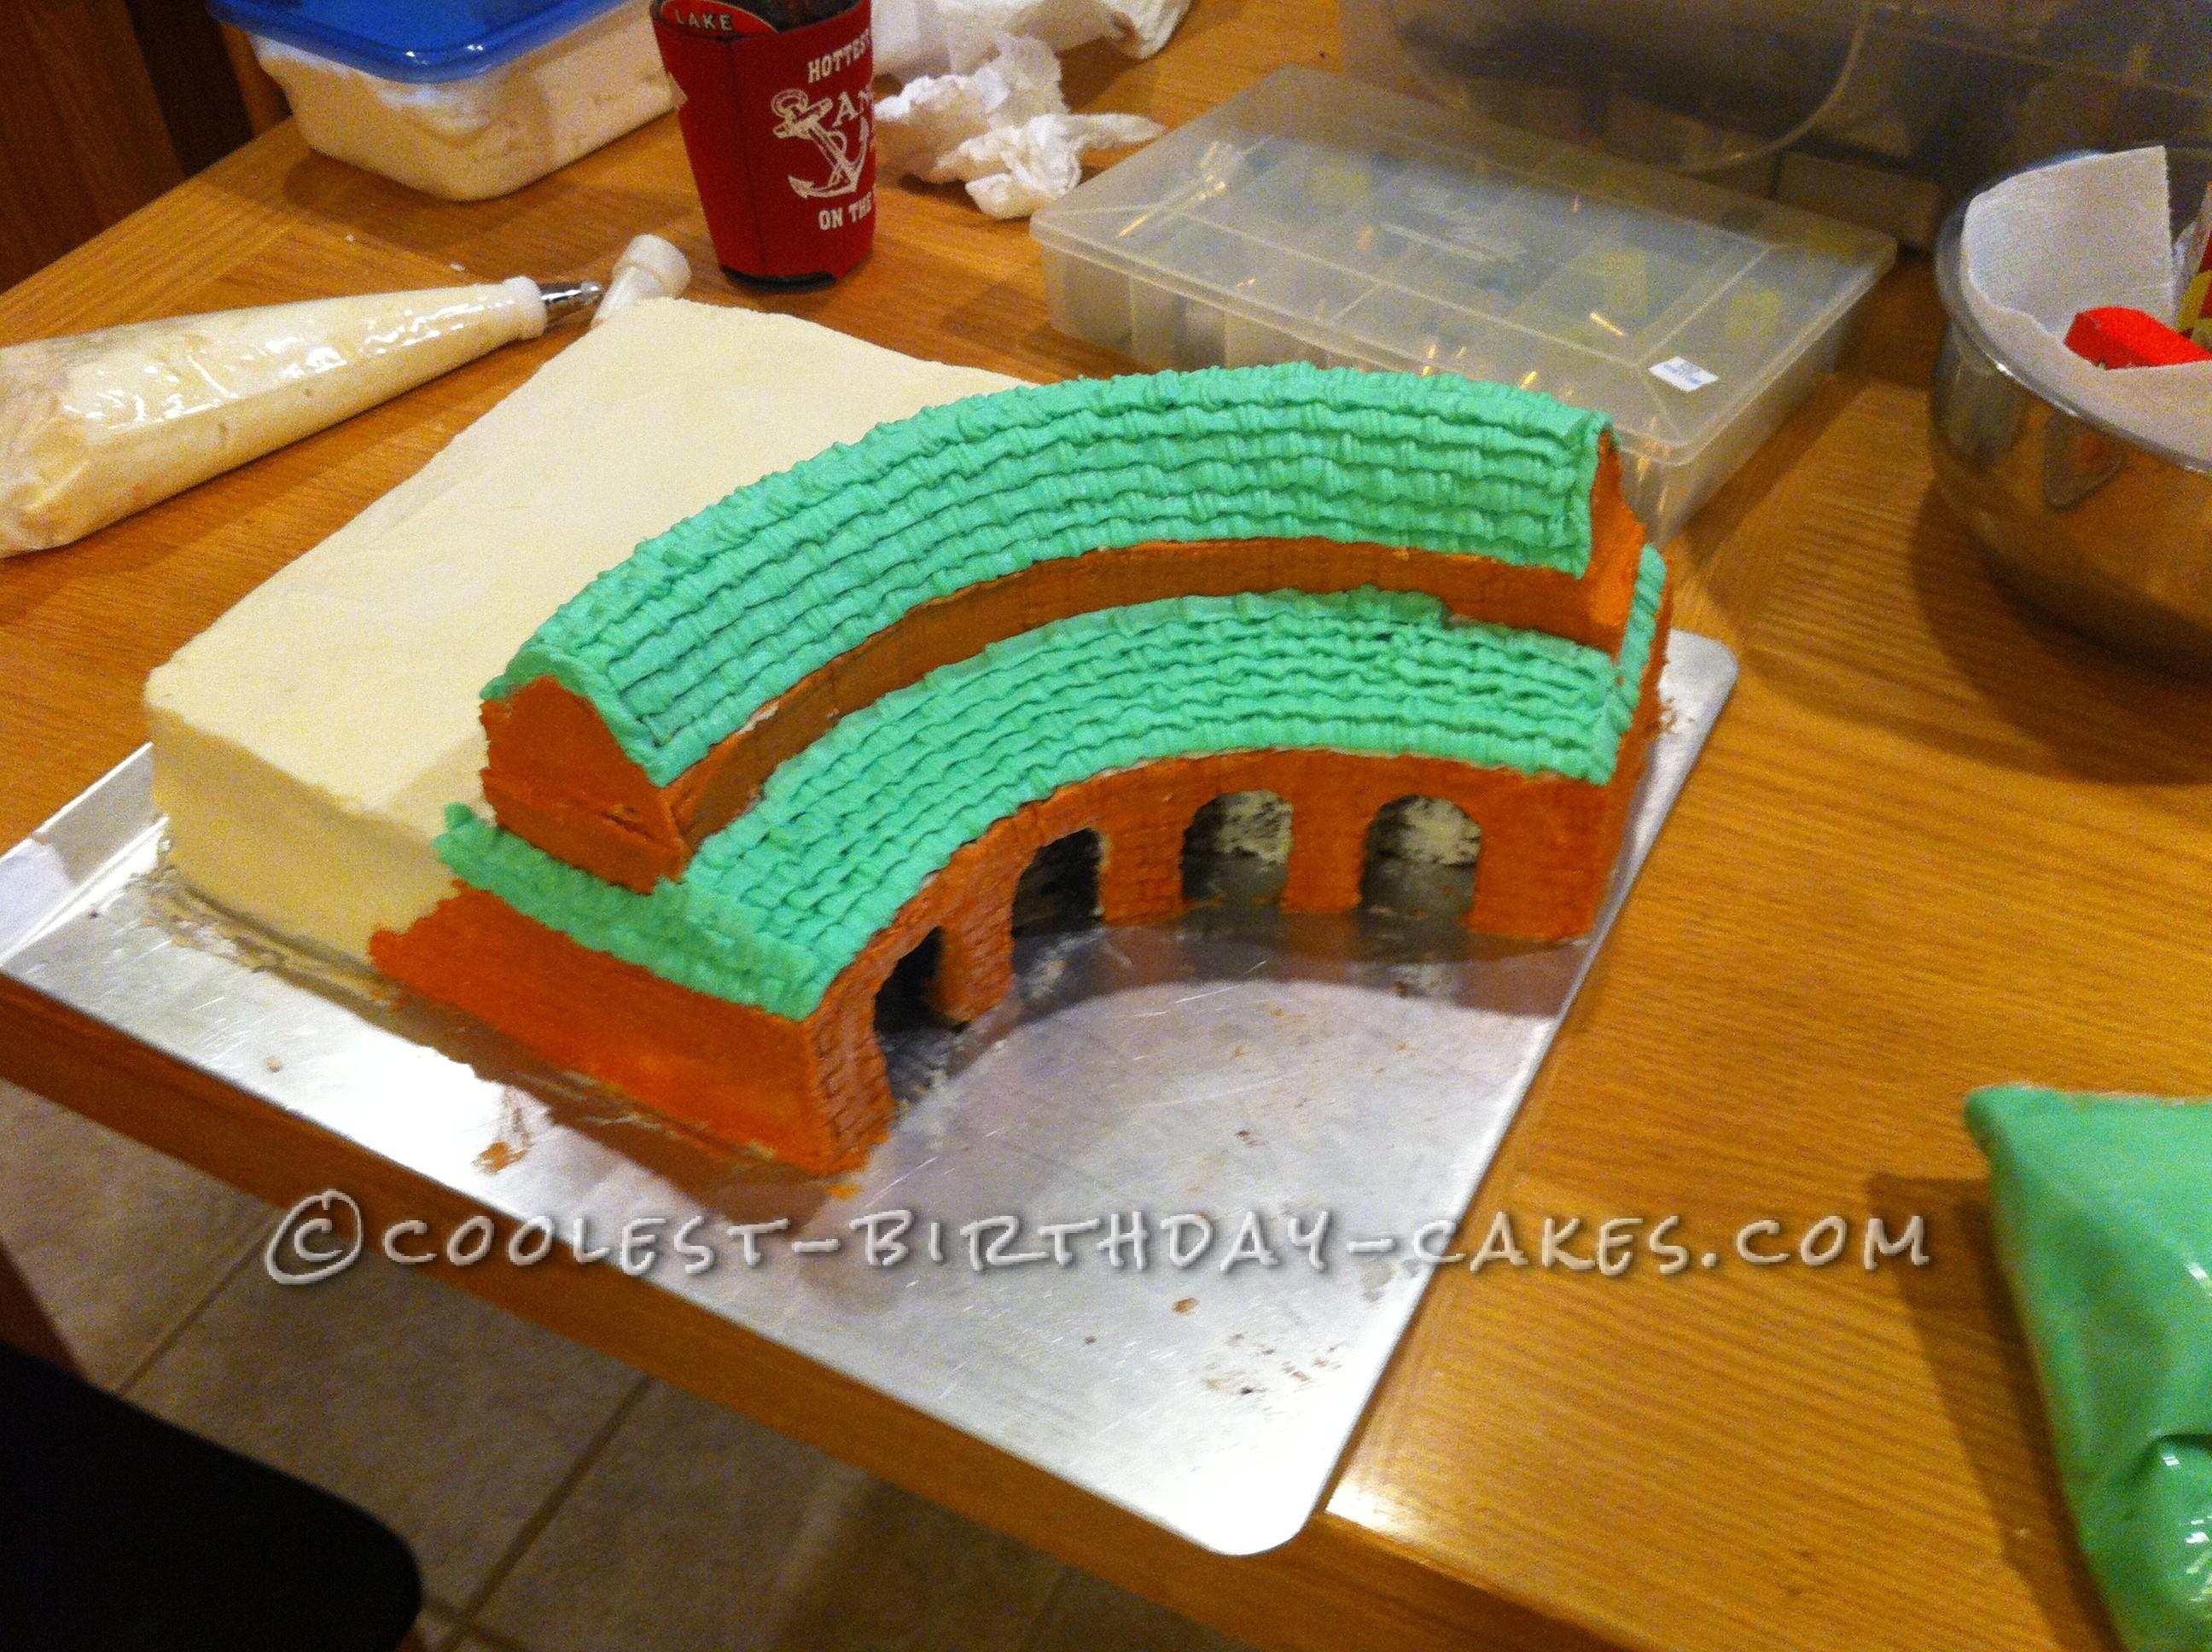 Bricks and shingles